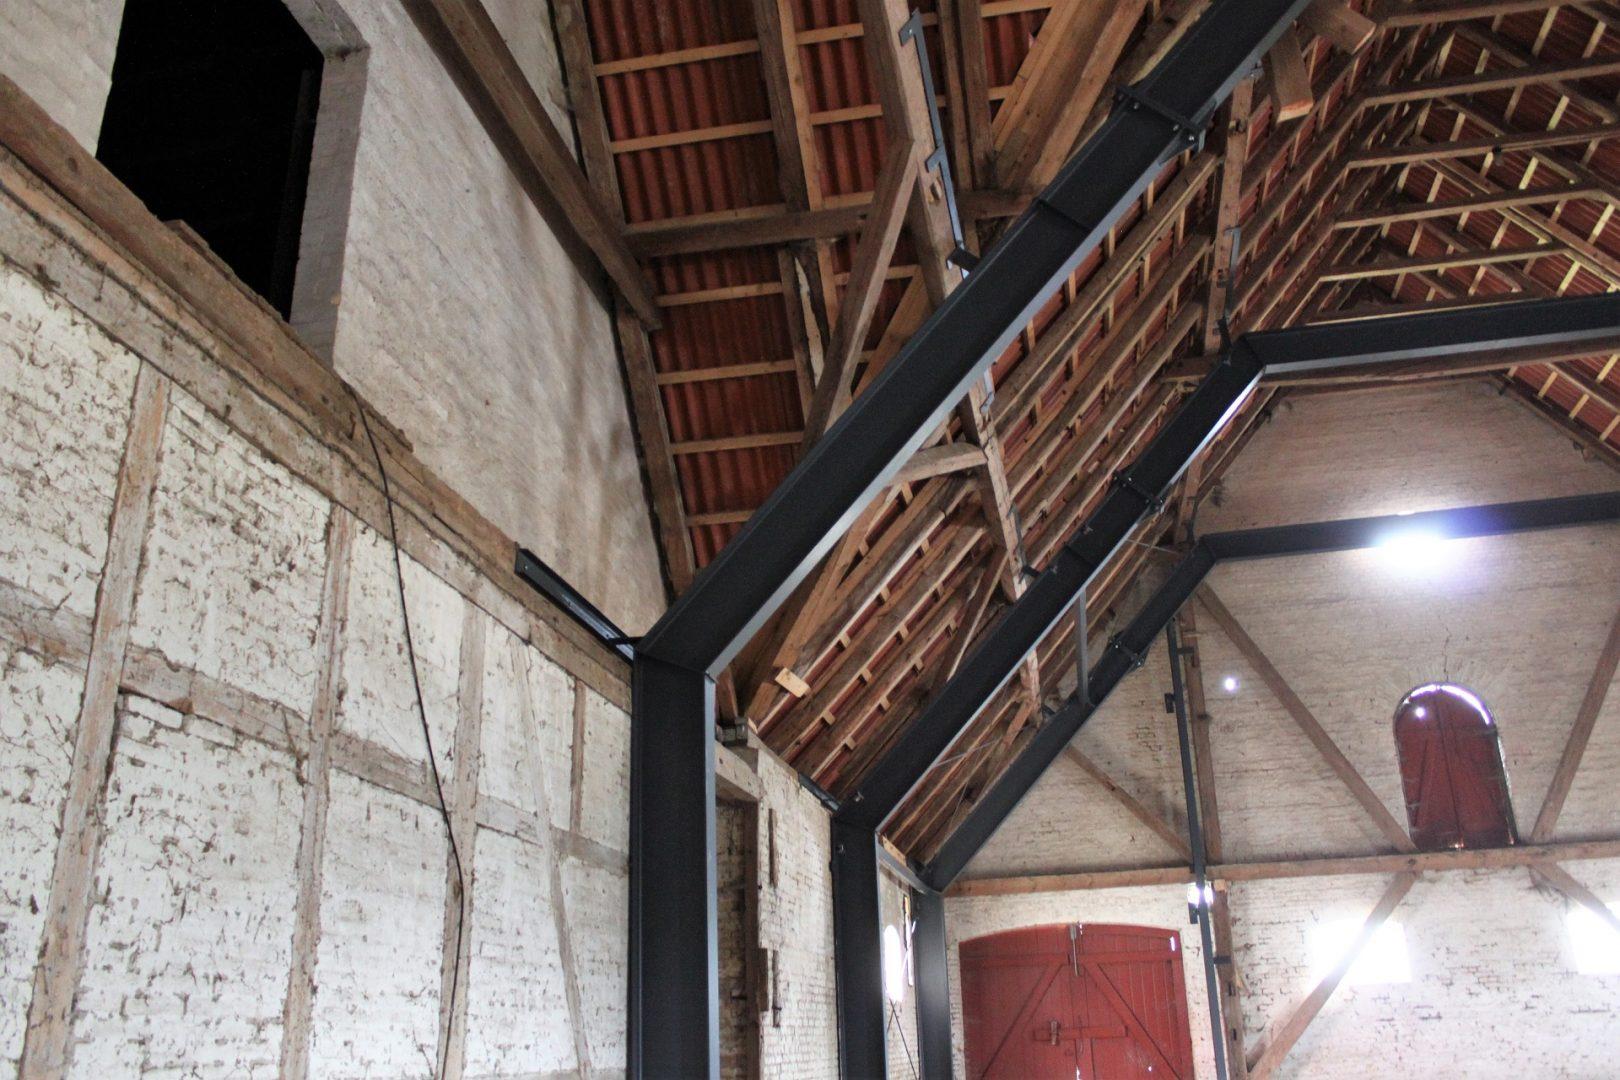 Stålspær Hauge Gruppen Stålkonstruktion